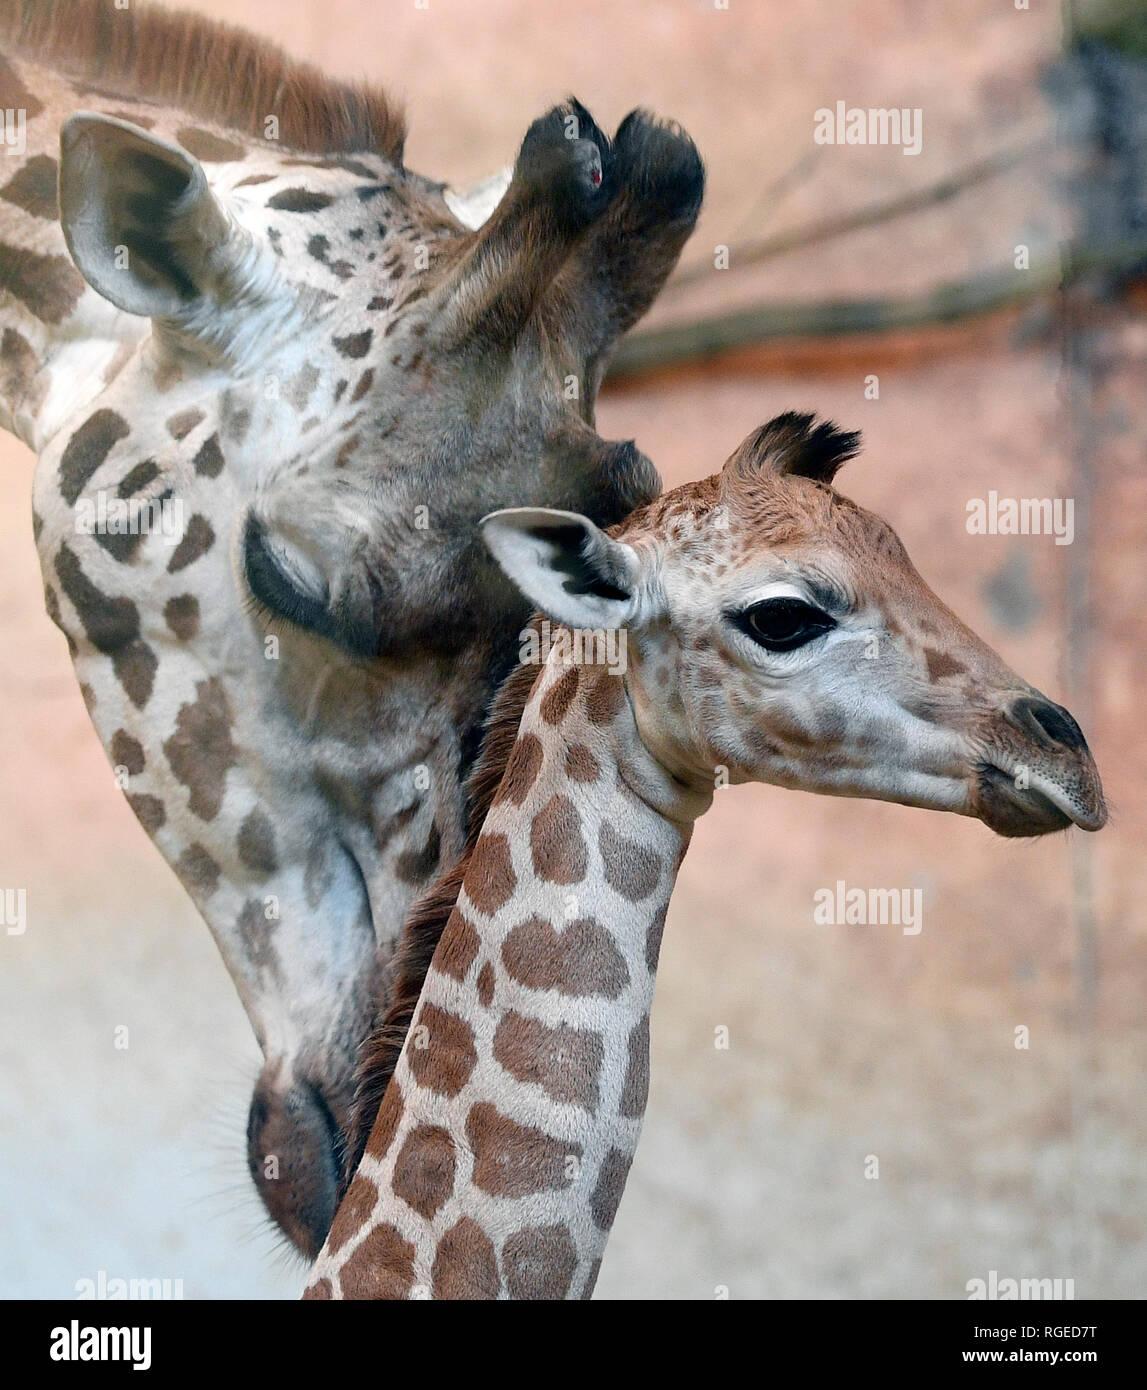 Prague, République tchèque. 29 janvier, 2019. Un vieux de quatre jours girafe Rothschild veau a été introduit pour la première fois au public par le Zoo de Prague, République tchèque, le 29 janvier 2019. Credit: Ondrej Deml/CTK Photo/Alamy Live News Photo Stock